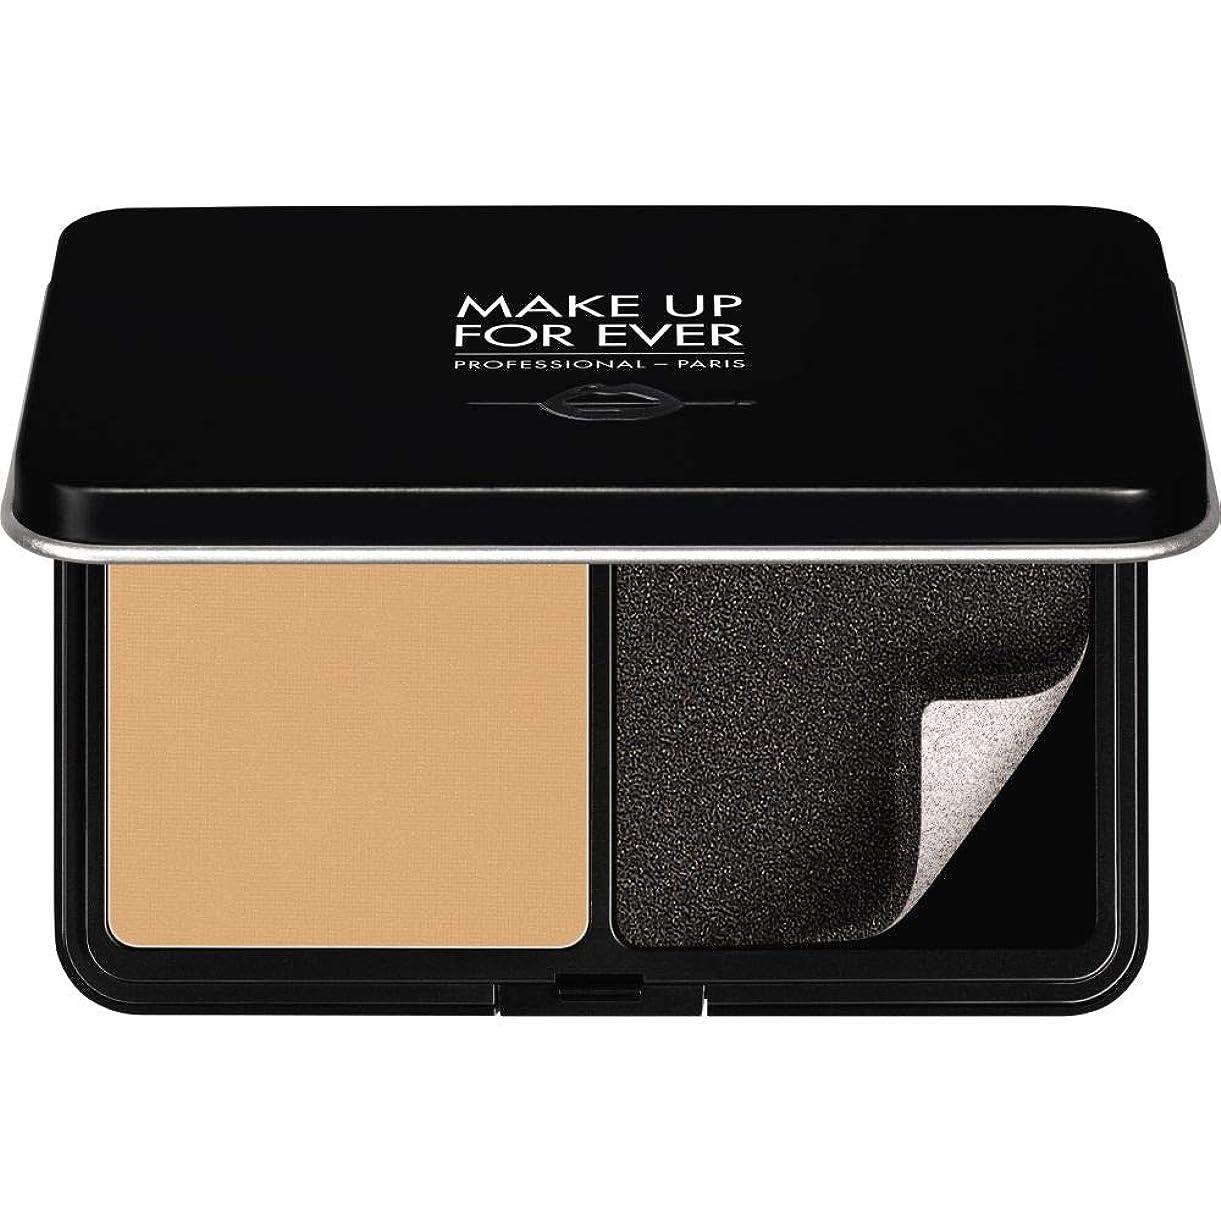 呼吸用心深い定数[MAKE UP FOR EVER ] 柔らかい砂 - パウダーファンデーション11GののY245をぼかし、これまでマットベルベットの肌を補います - MAKE UP FOR EVER Matte Velvet Skin Blurring Powder Foundation 11g Y245 - Soft Sand [並行輸入品]